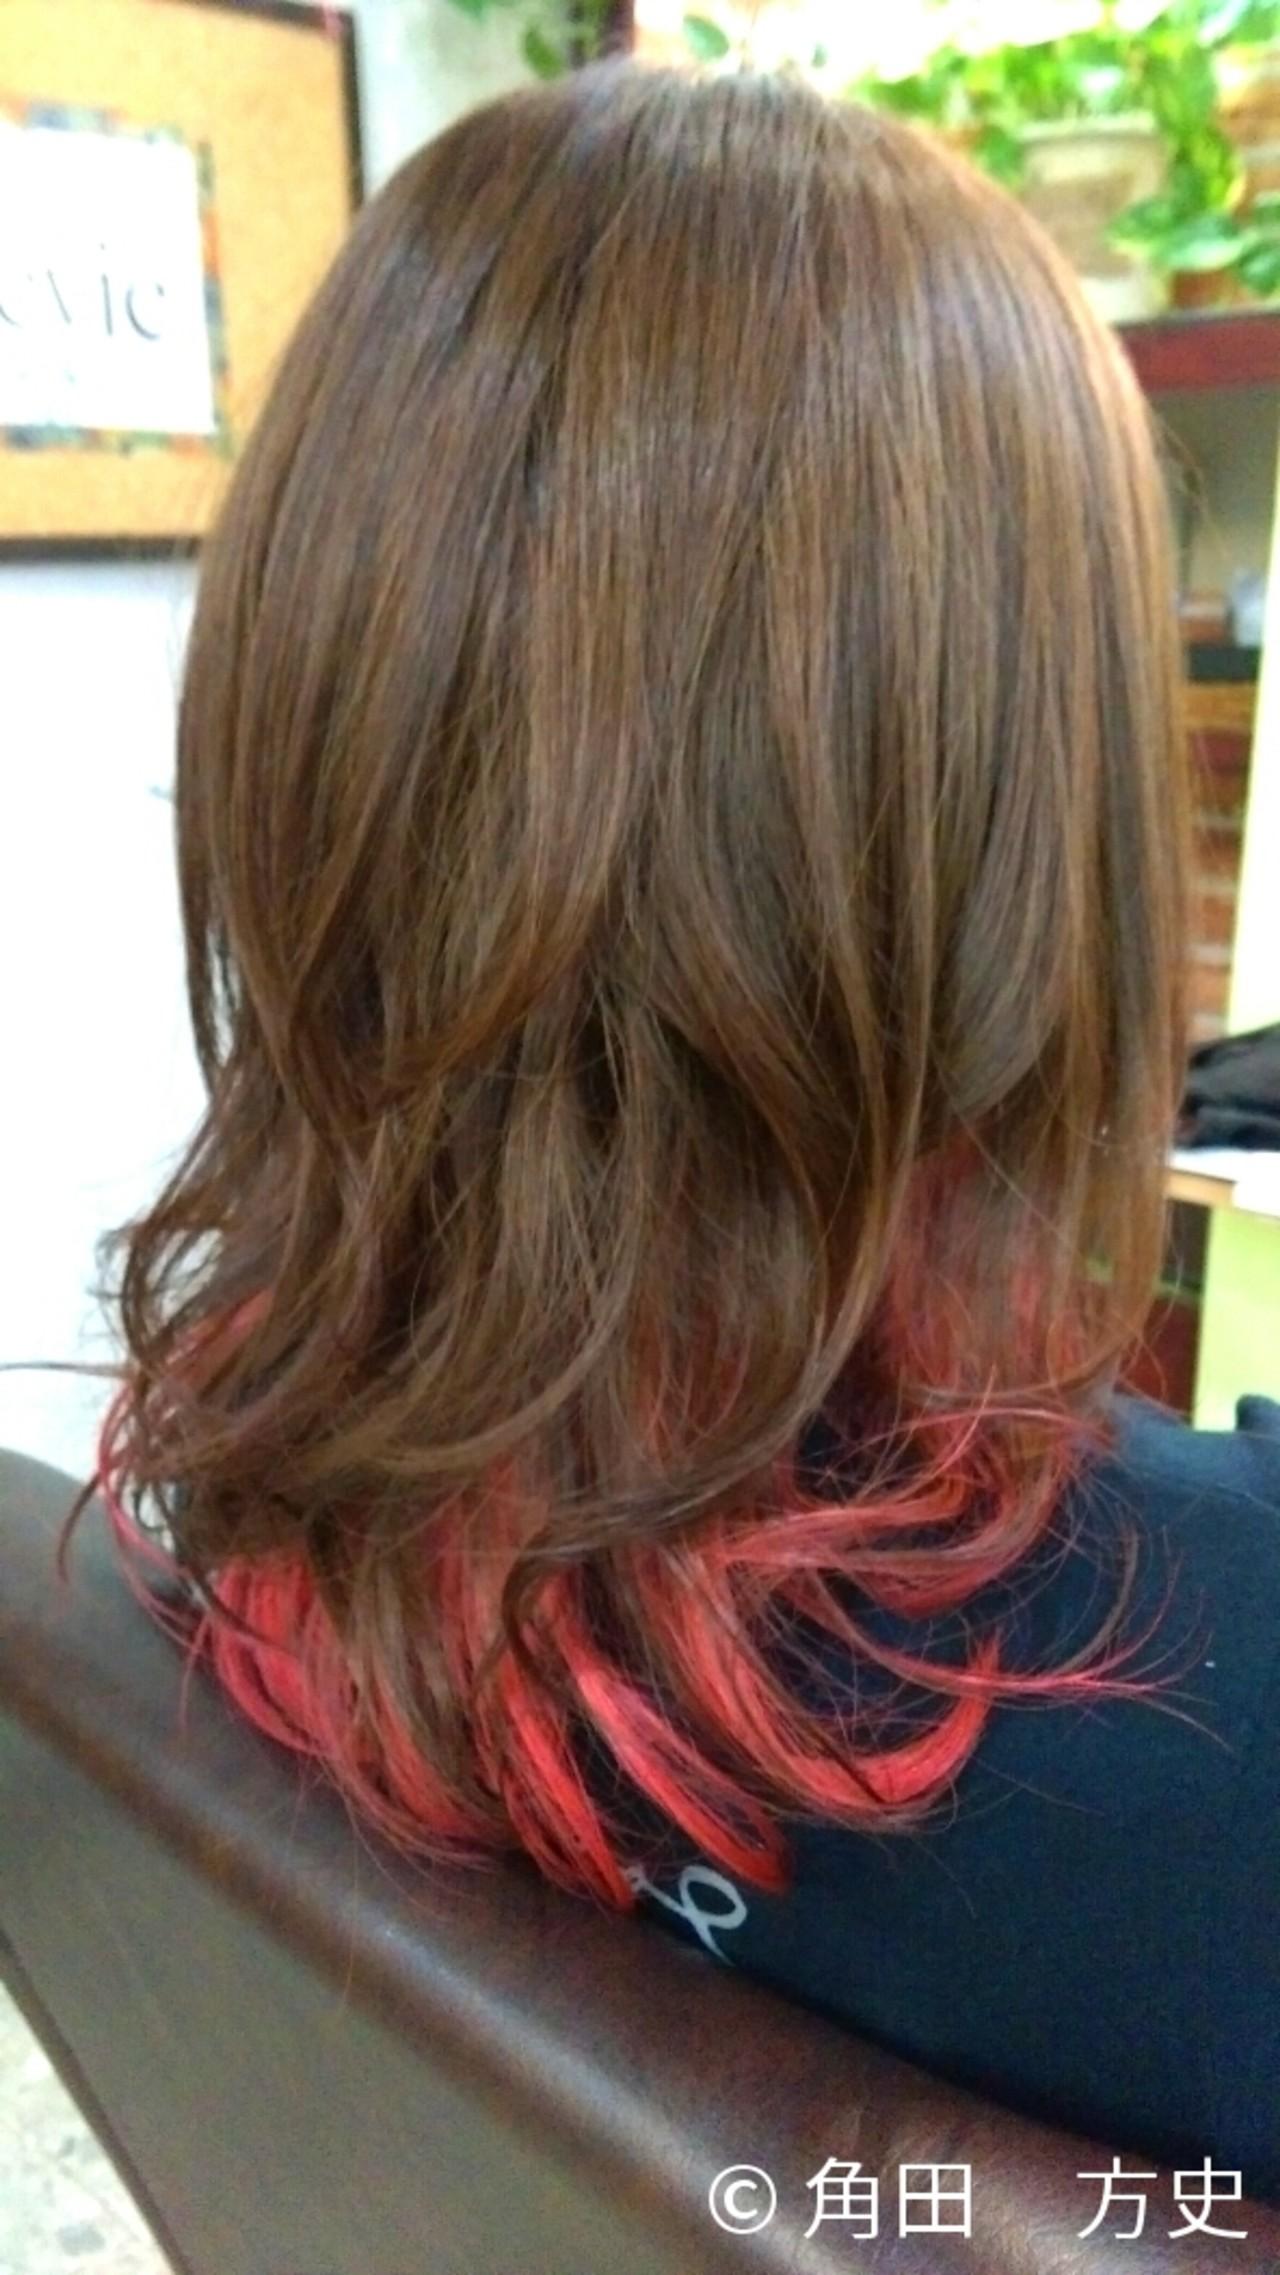 グラデーションカラー ゆるふわ ハイライト セミロング ヘアスタイルや髪型の写真・画像 | 角田 方史 / hair & esthe Revie